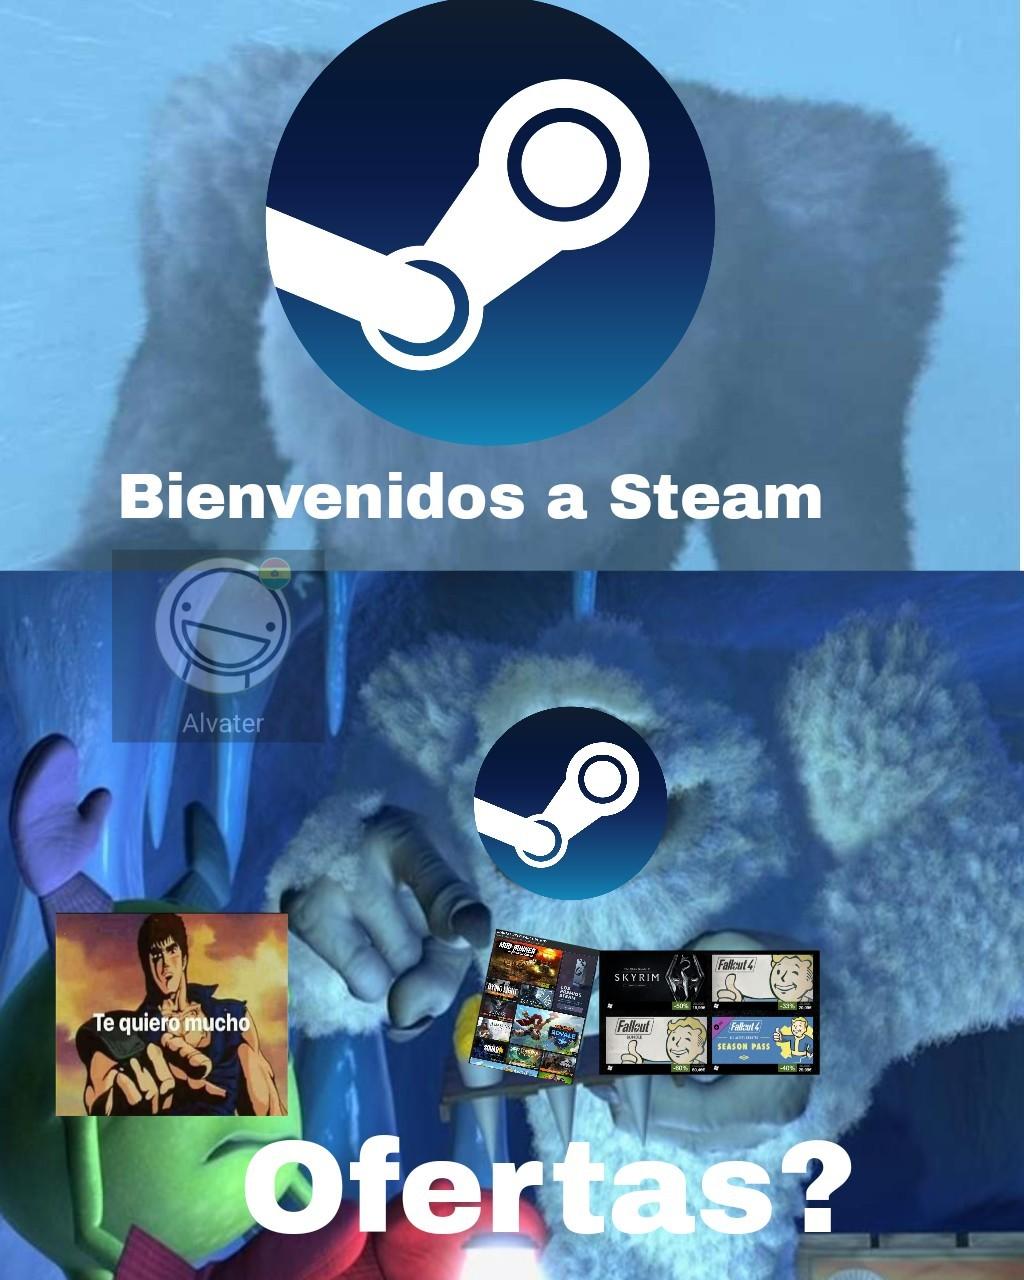 Te quiero mucho steam - meme